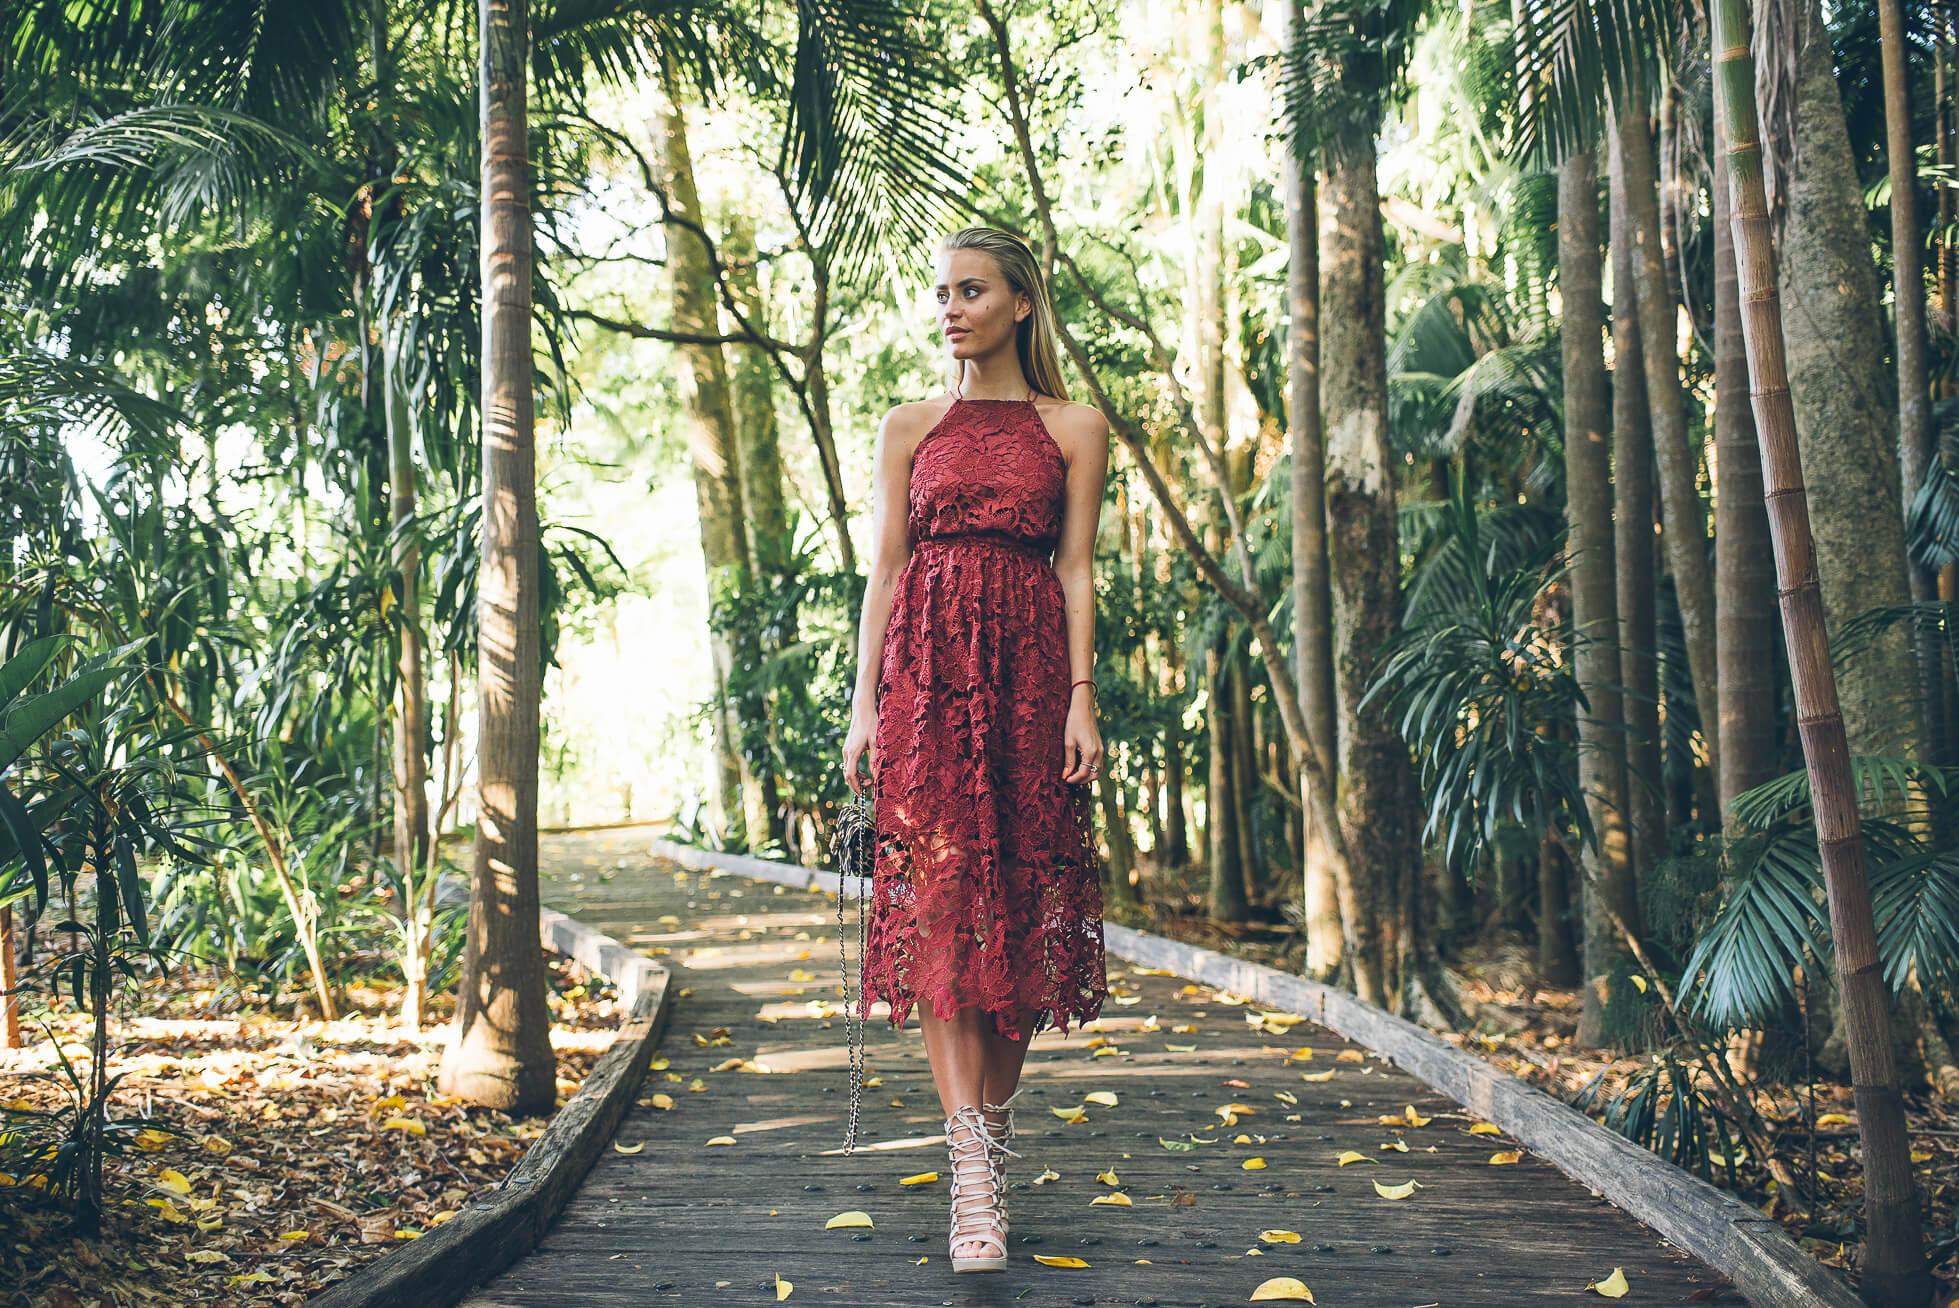 janni-deler-jungle-red-laceDSC_3795